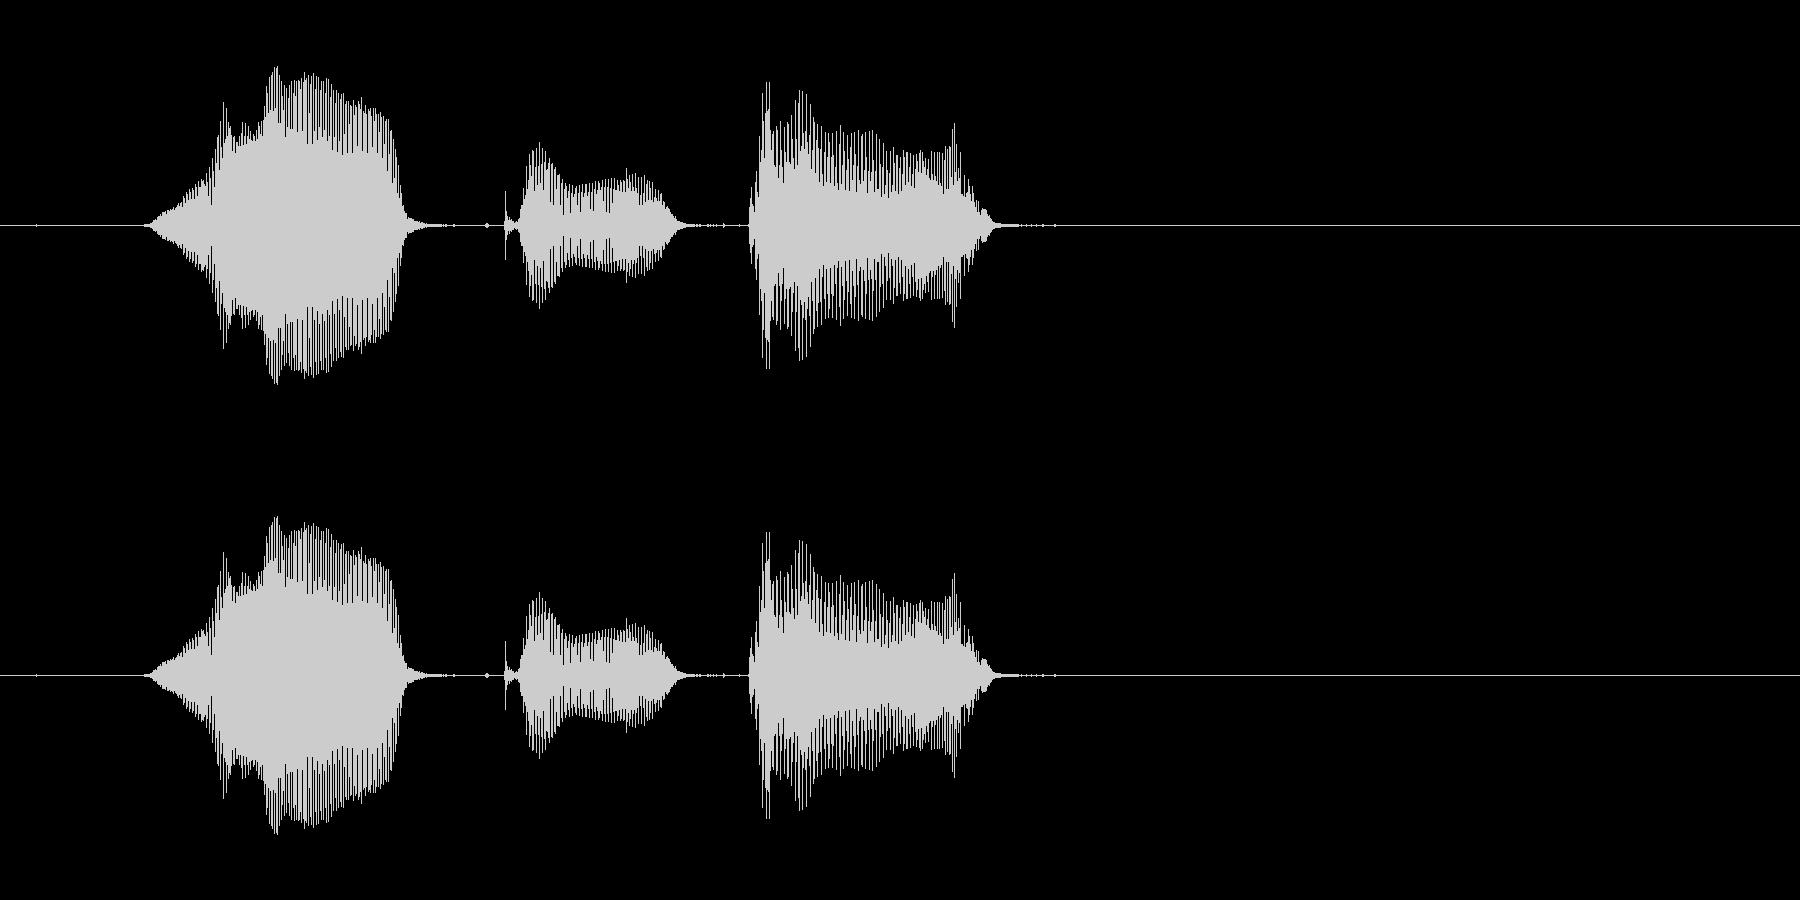 「よーく見て」の未再生の波形